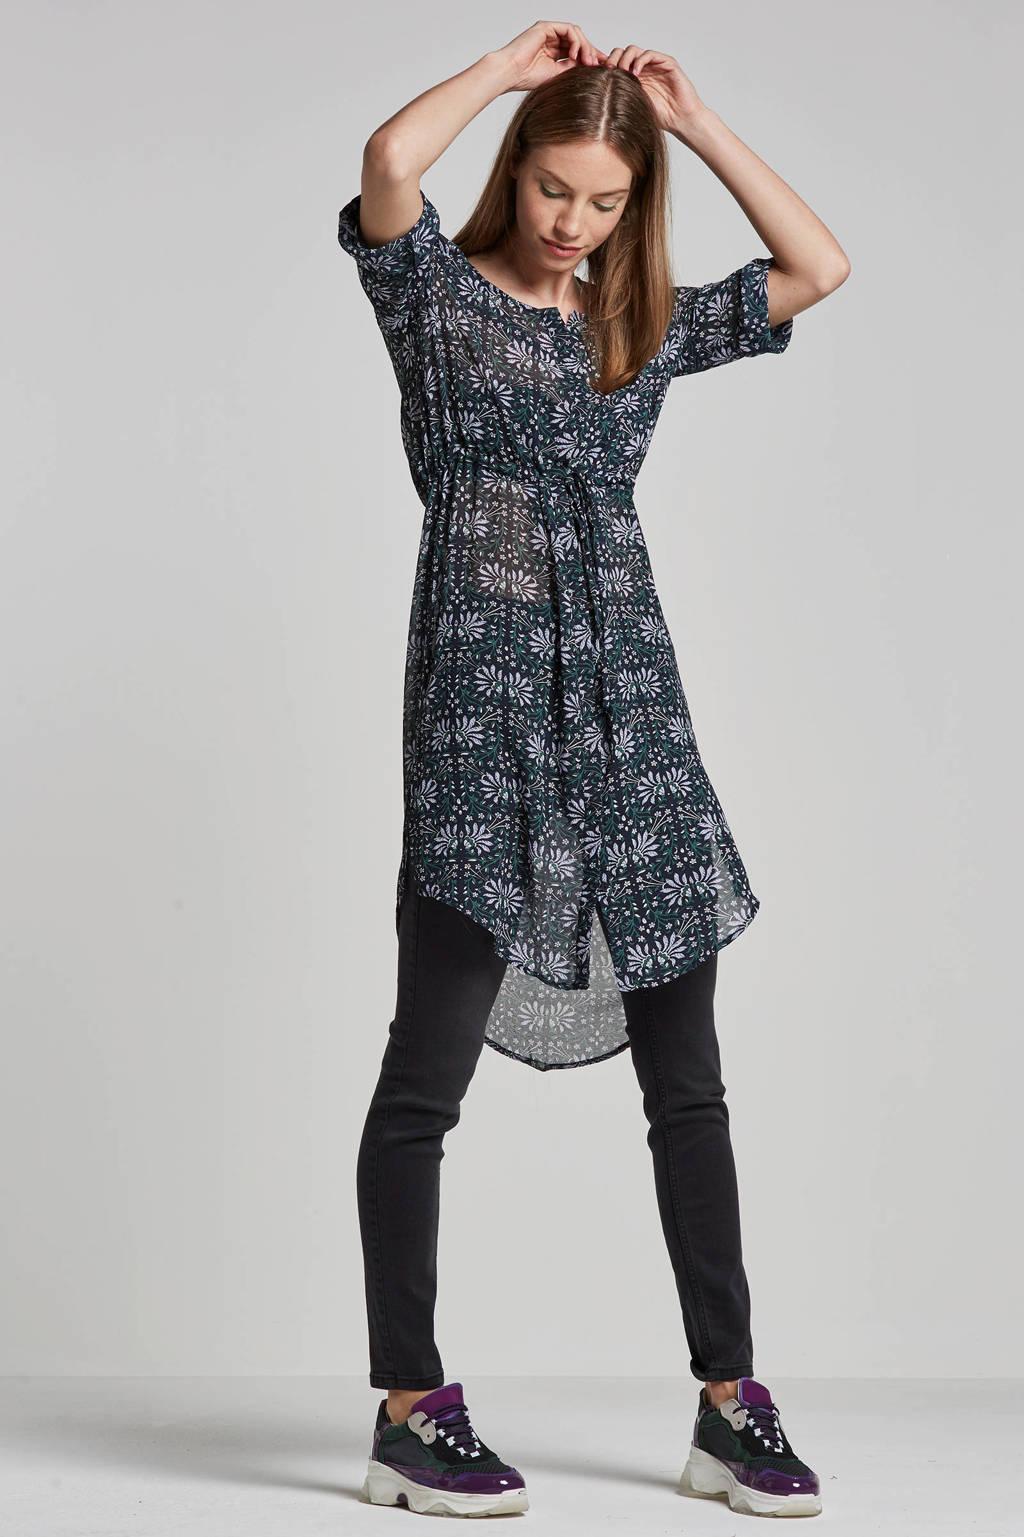 OBJECT semi-transparante jurk met bloemenprint, Donkerblauw/groen/wit